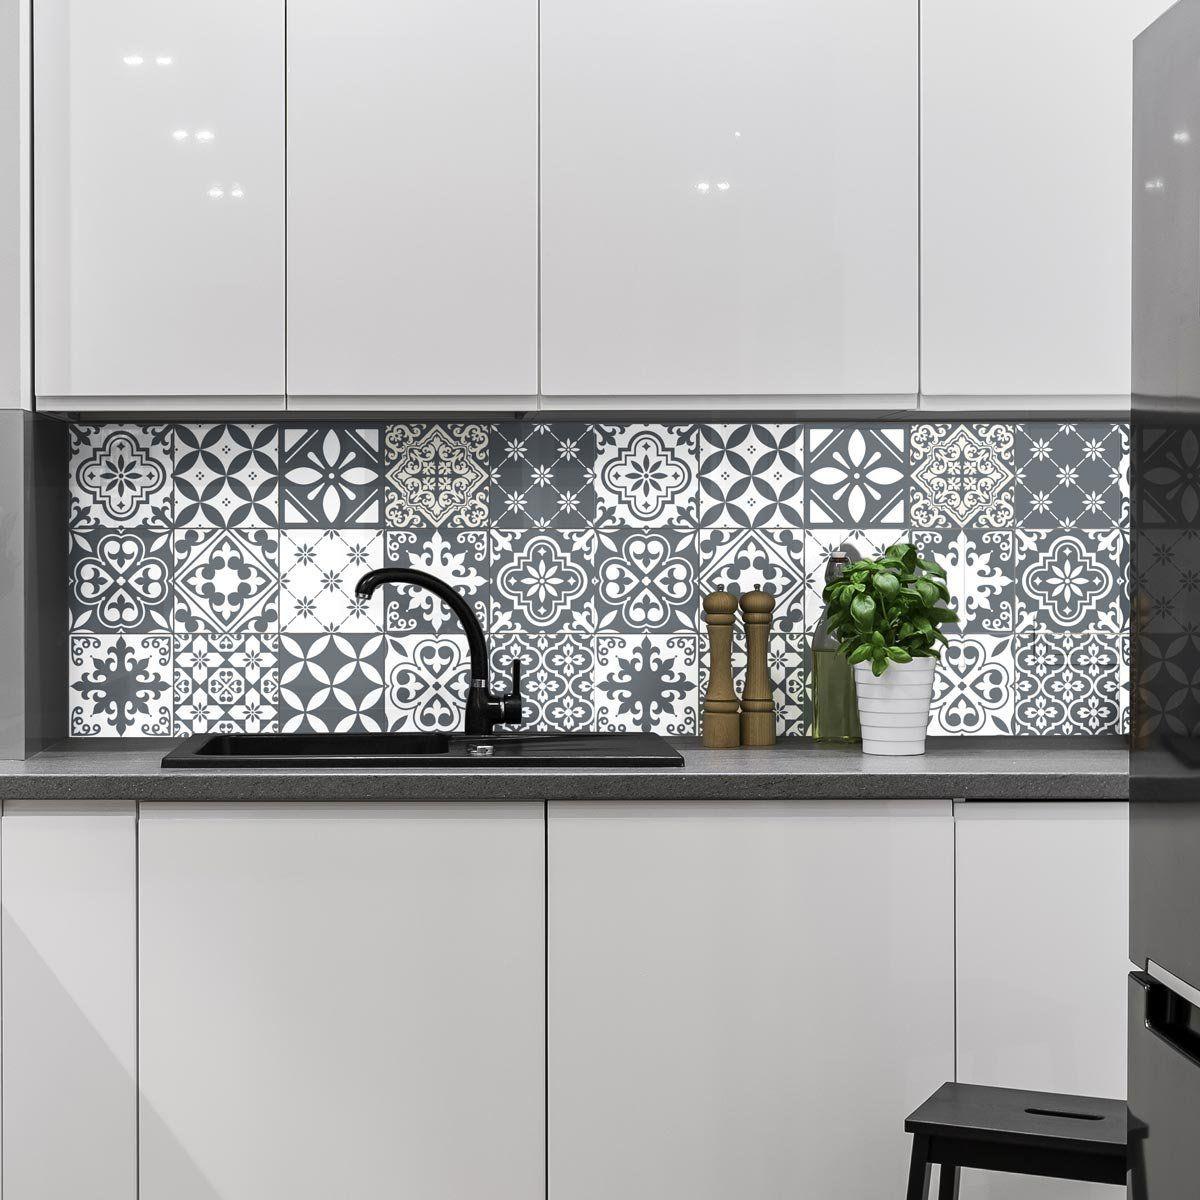 Carreaux De Ciment Adhesif Mural Azulejos 15 X 15 Cm 15 Pieces Amazon Fr Cuisine Maison Cocinas De Casa Cocinas Azulejos Azulejos